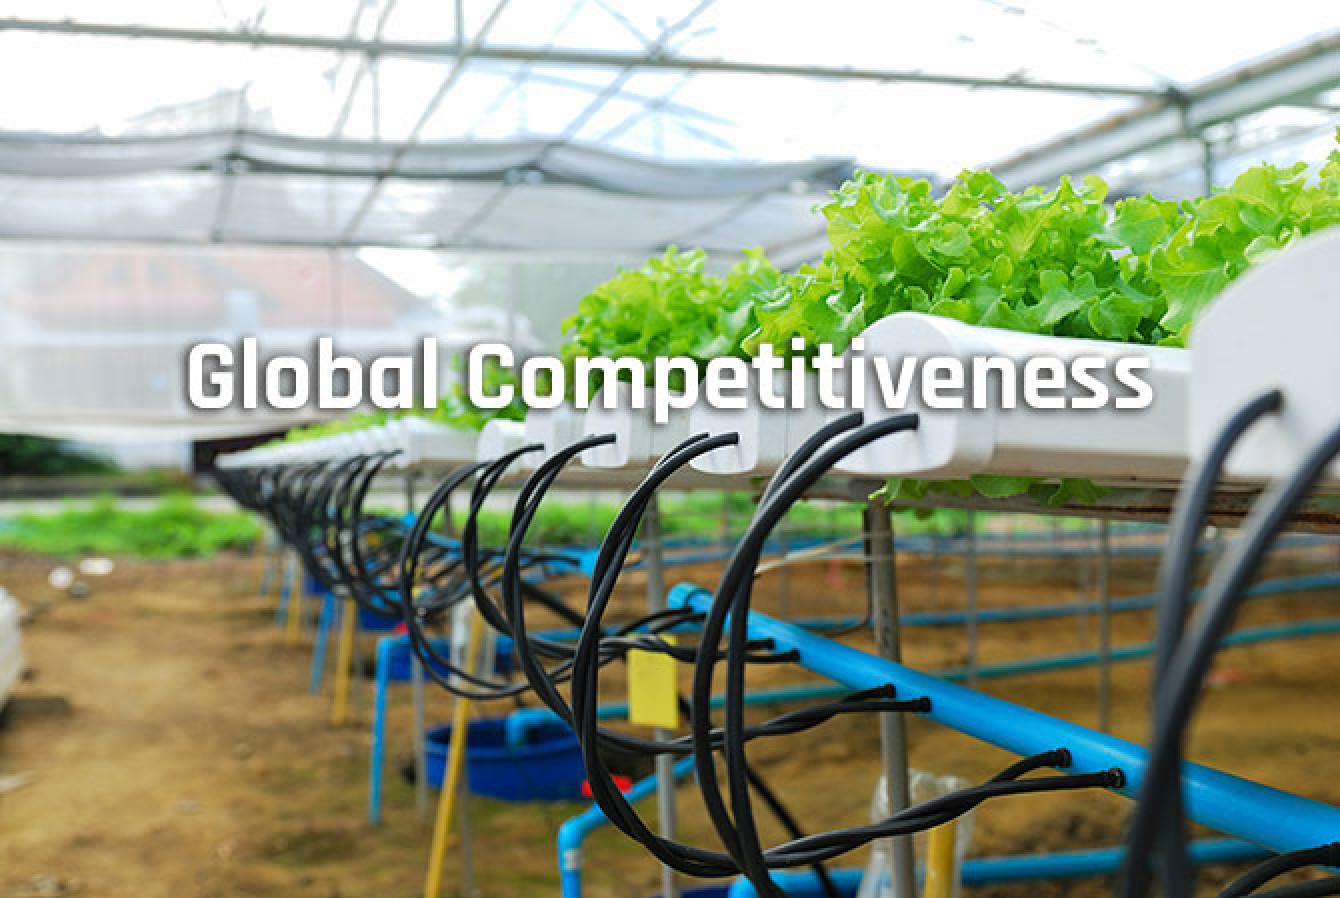 Global_competitiveness.jpg